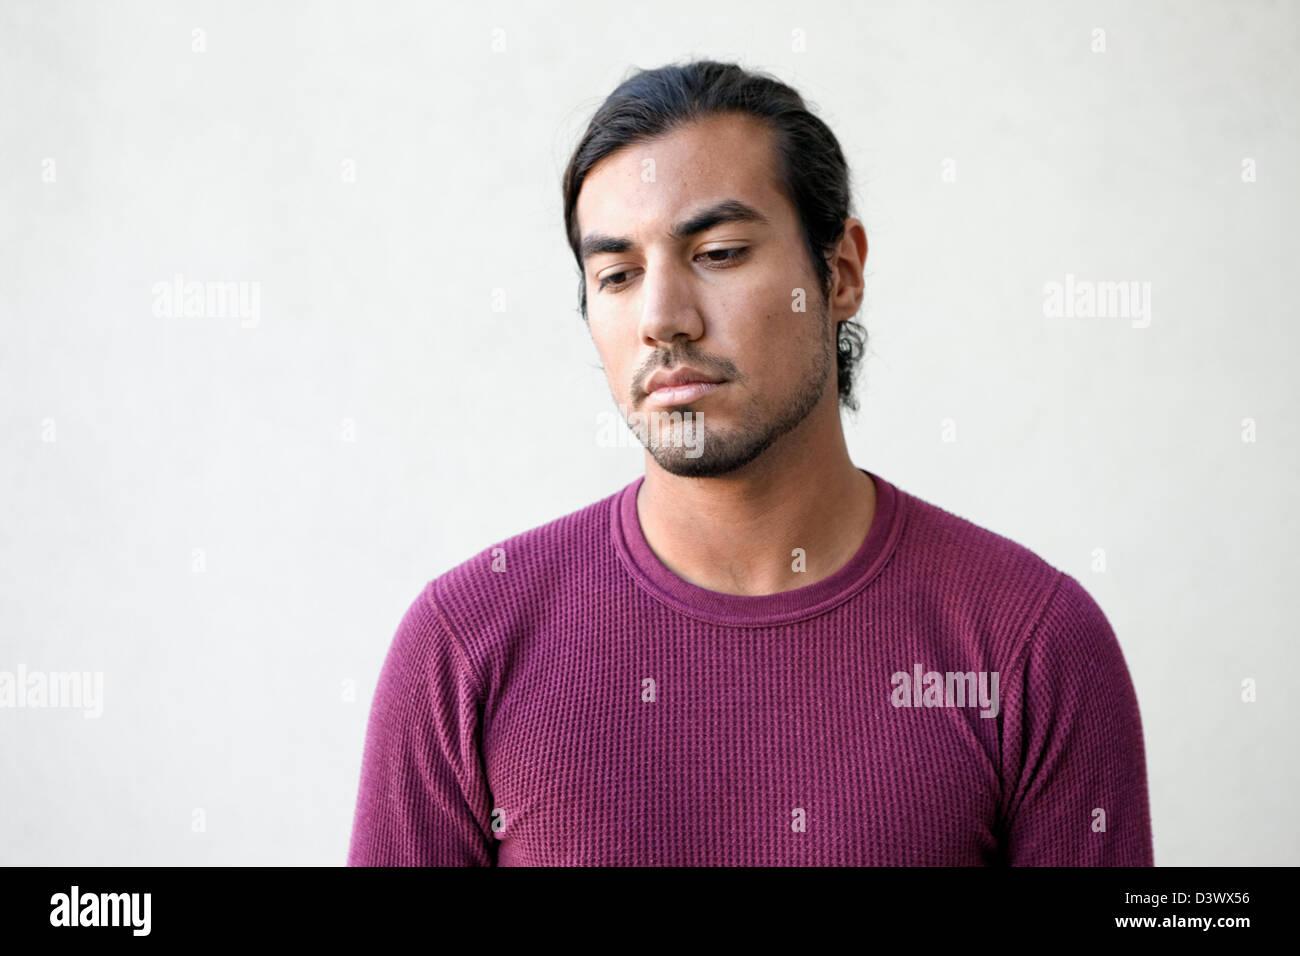 Ritratto di triste e depresso i giovani adulti messicano-american maschio nel pensiero profondo Foto Stock